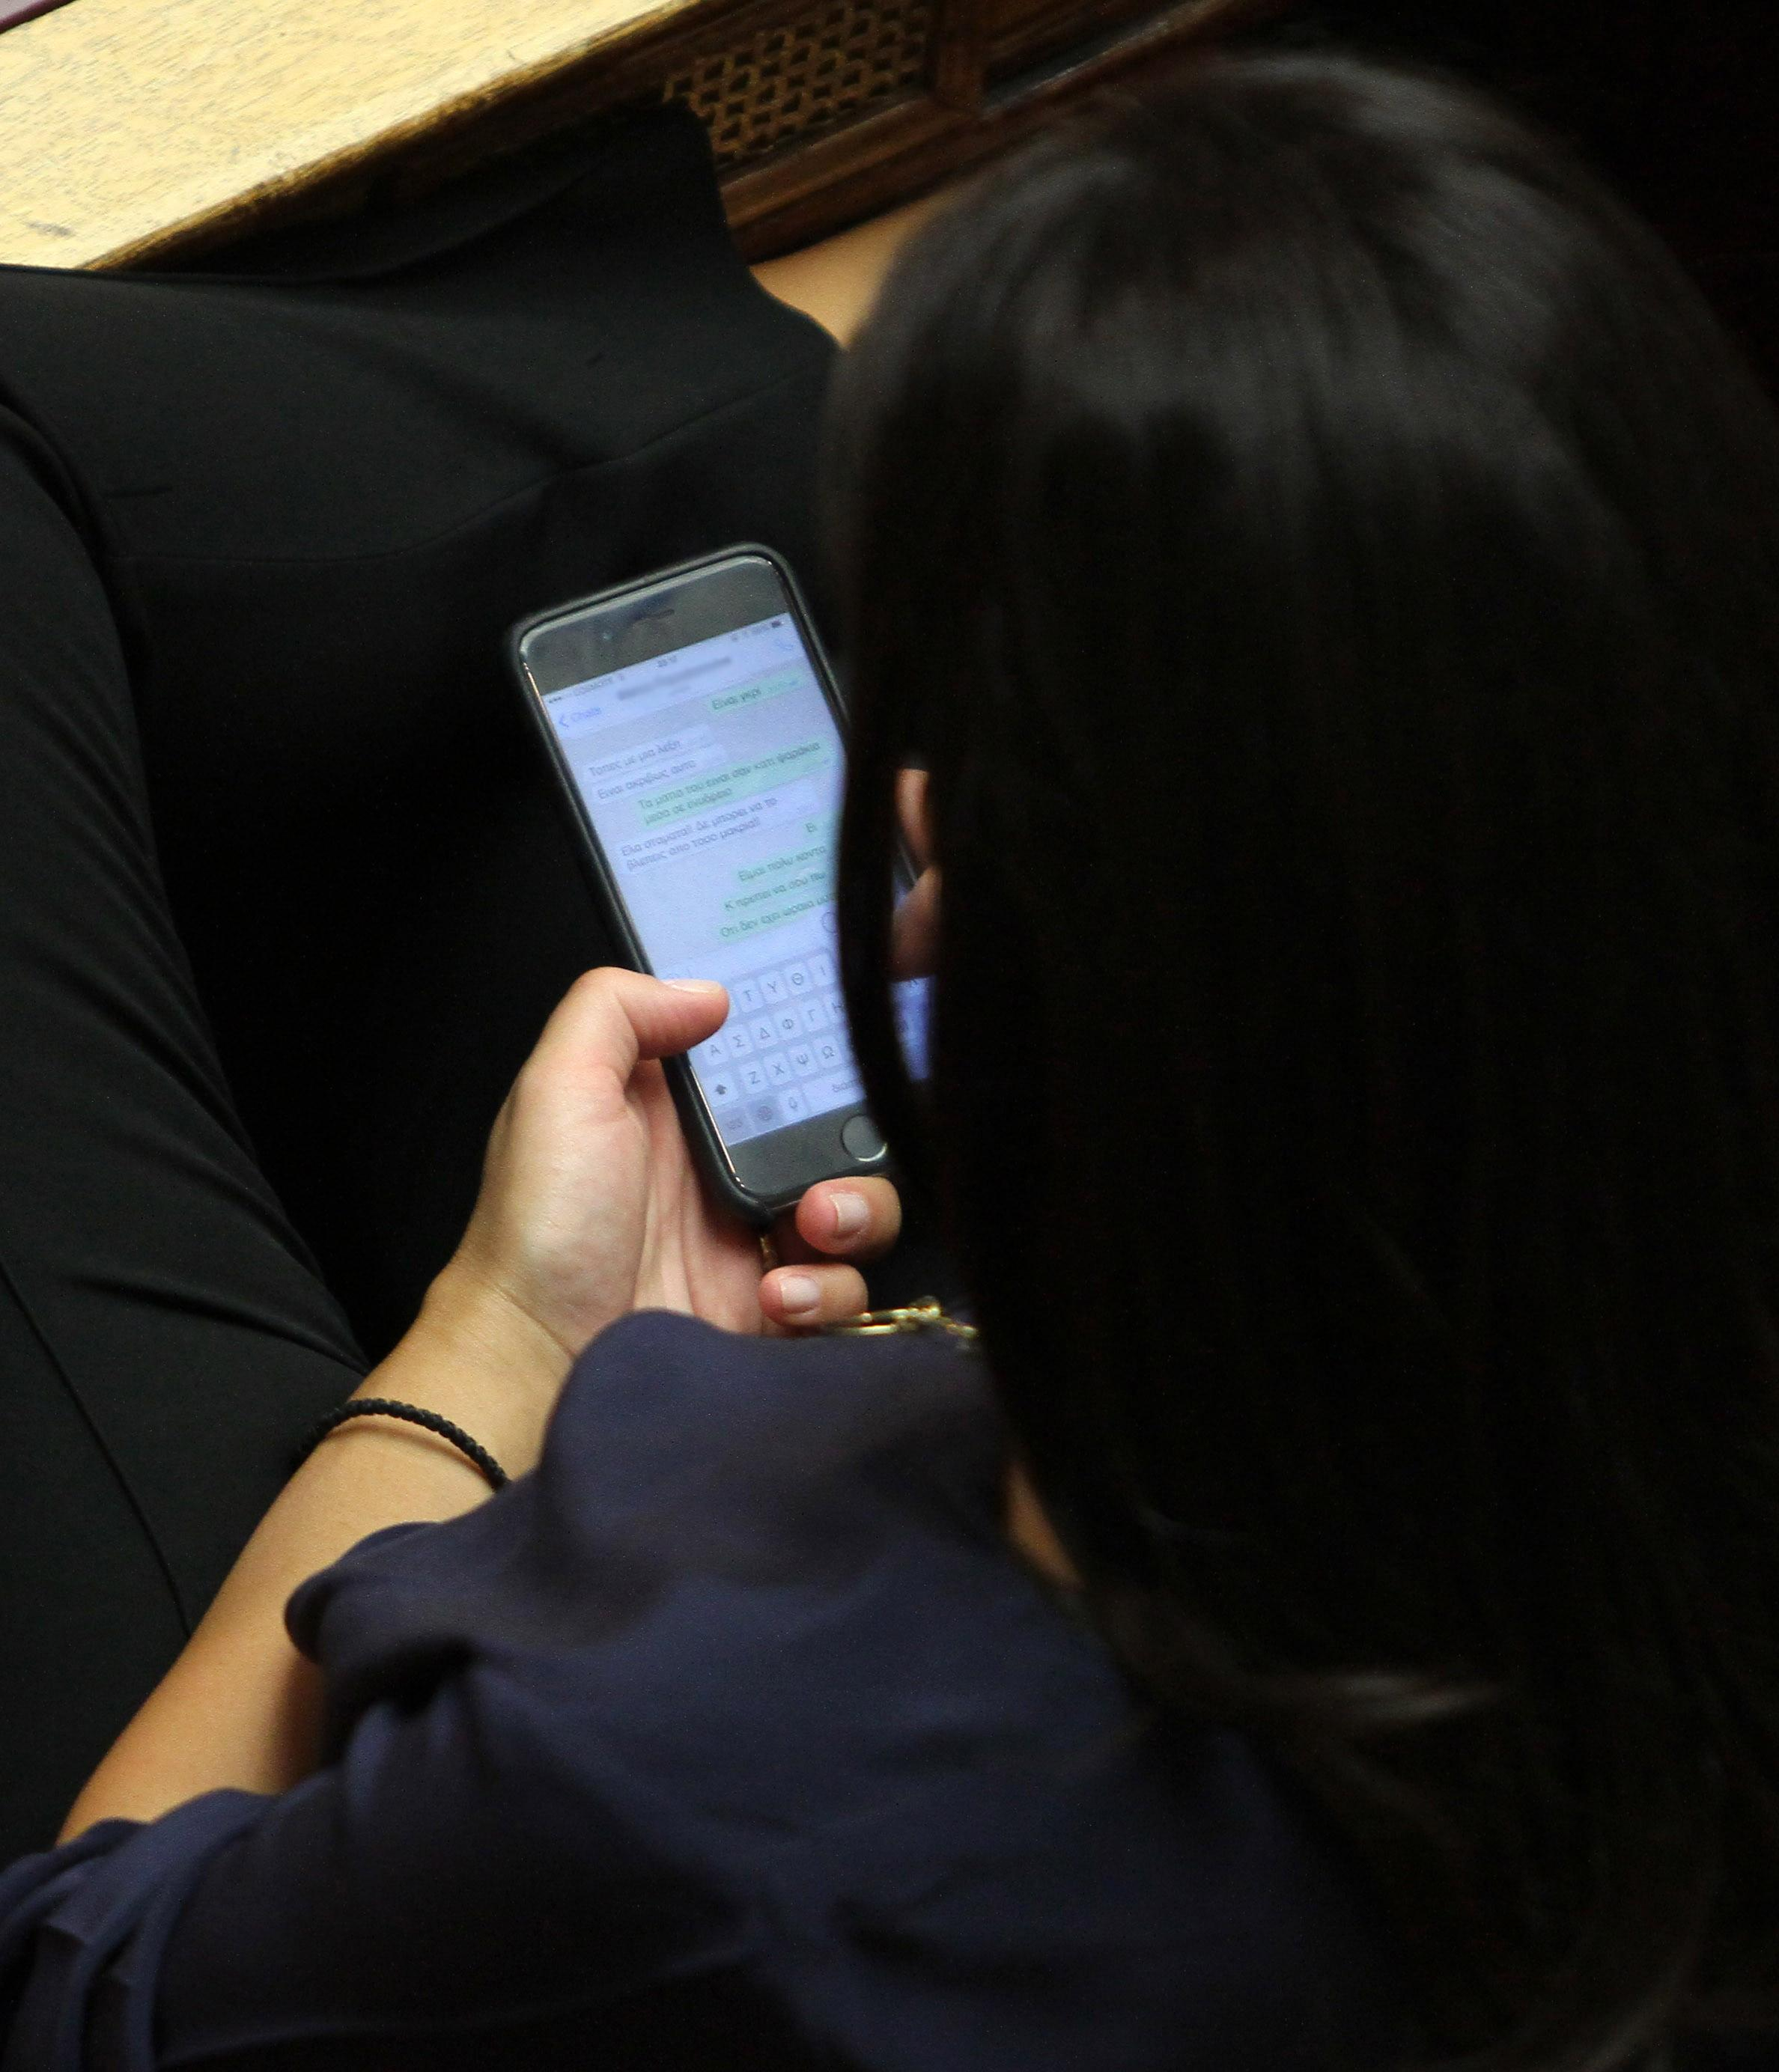 Τα sms που αντάλλασσε η Όλγα Κεφαλογιάννη στην Ολομέλεια- ΦΩΤΟ